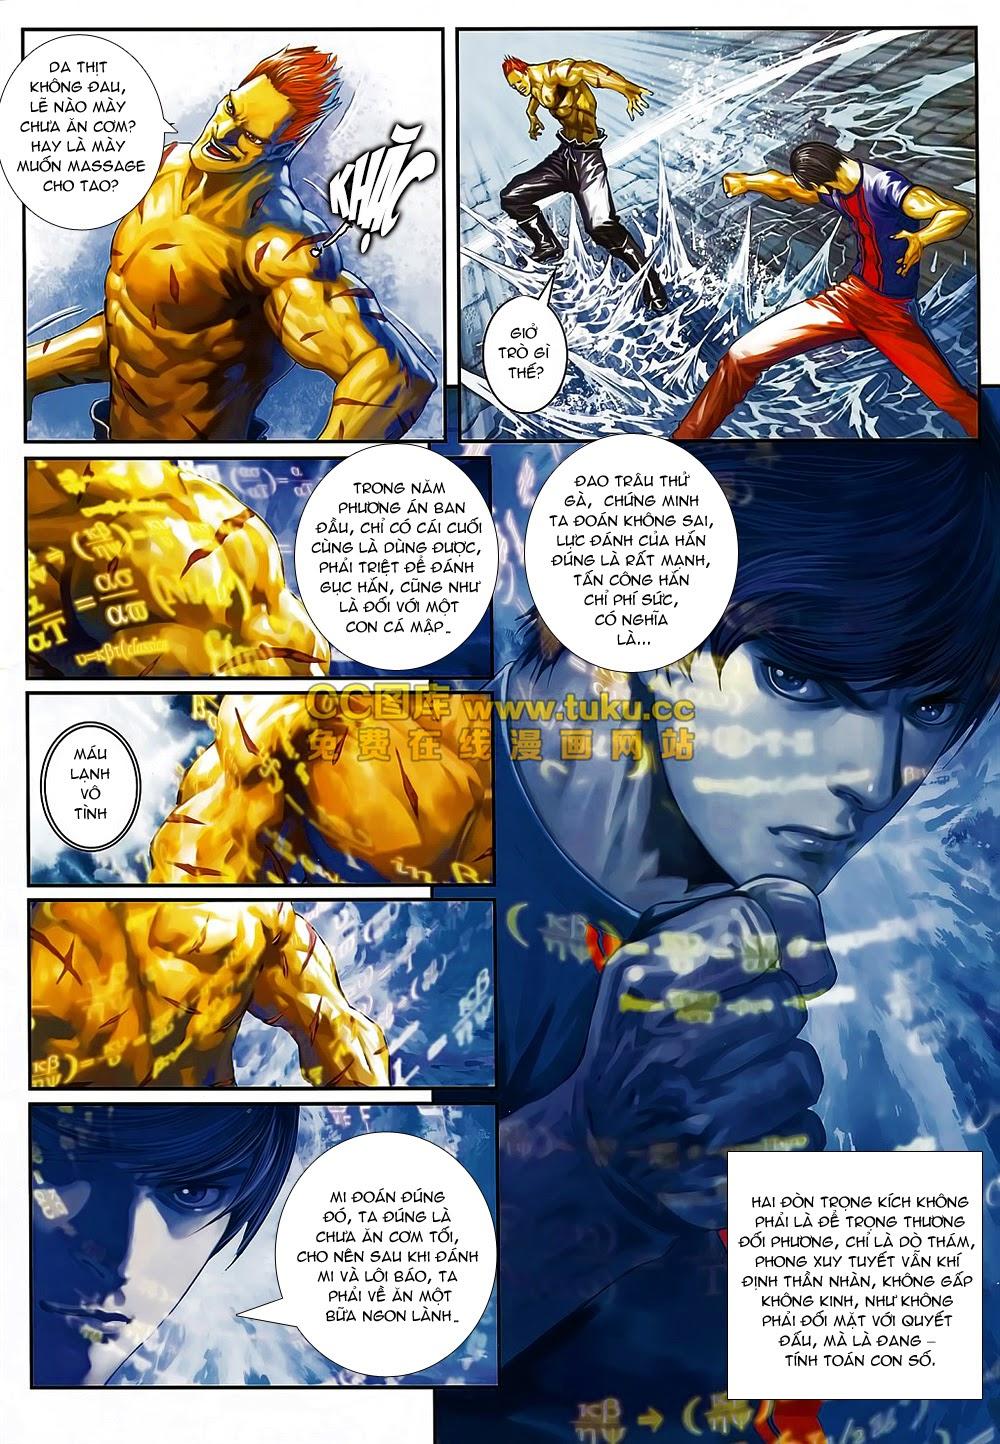 Quyền Đạo chapter 6 trang 6